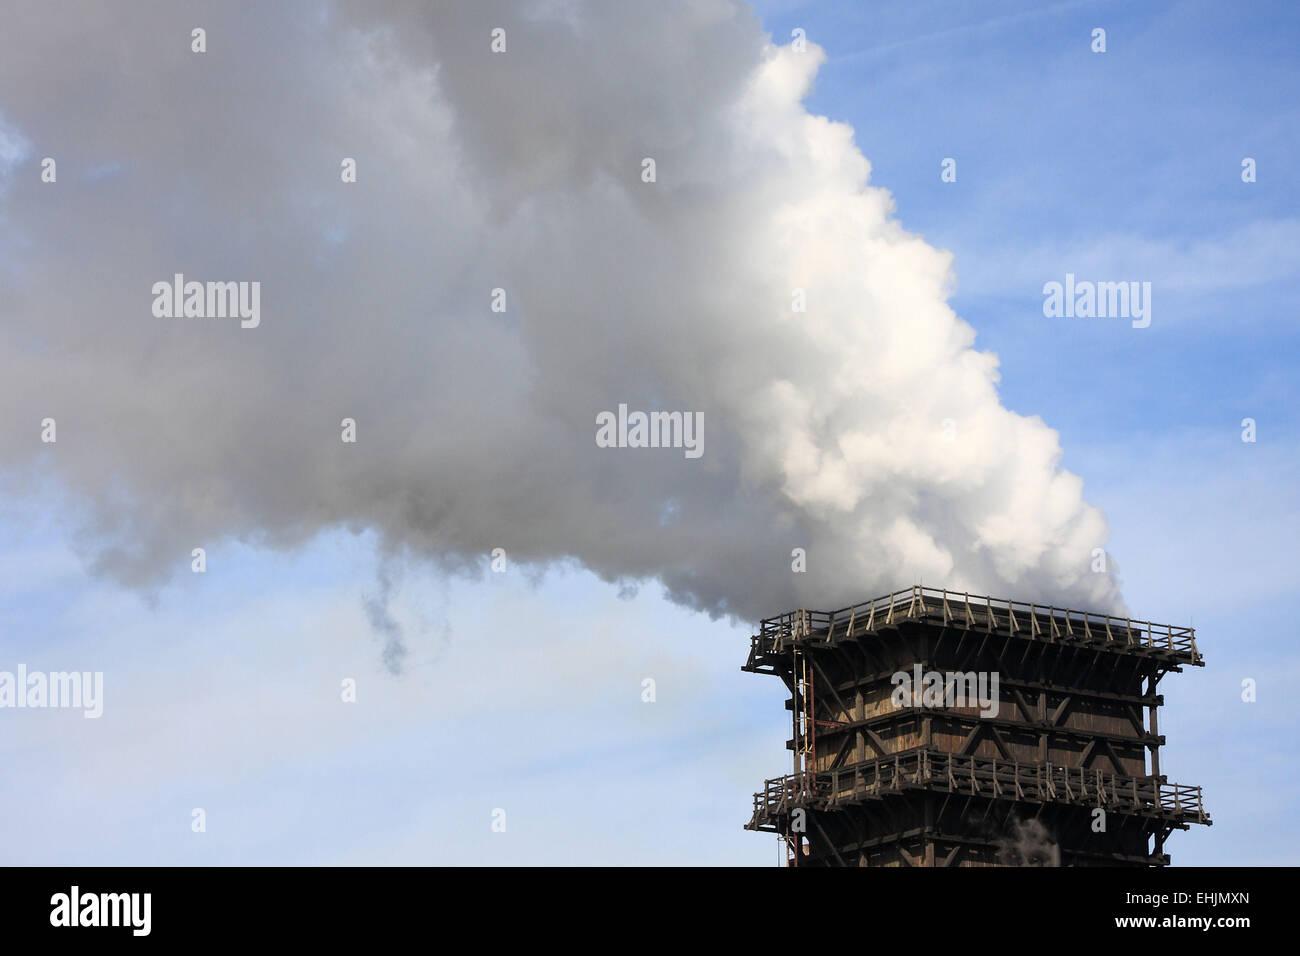 Emission - Stock Image